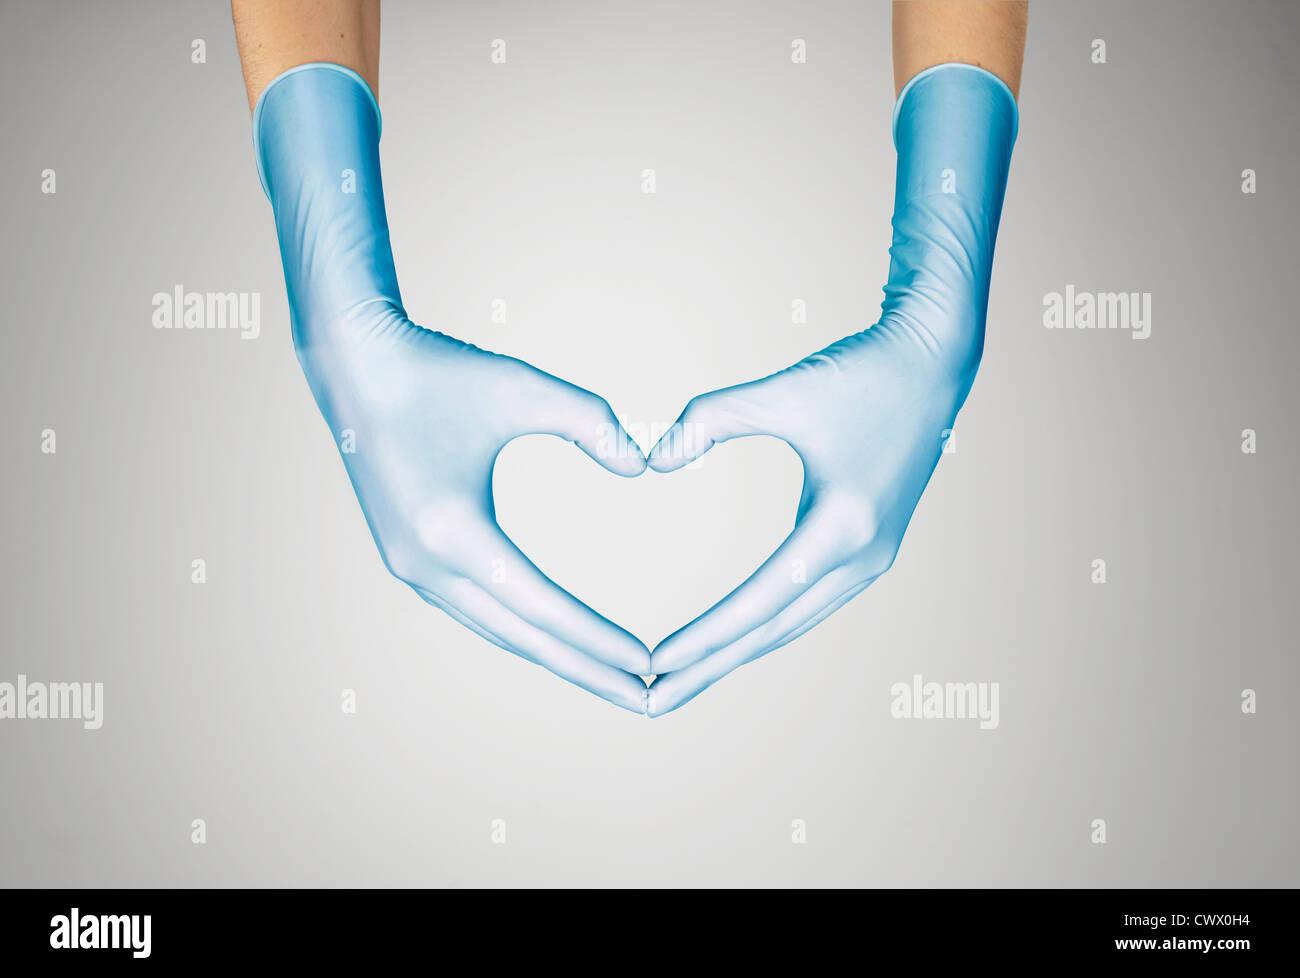 Manos enguantadas haciendo forma corazón Foto de stock